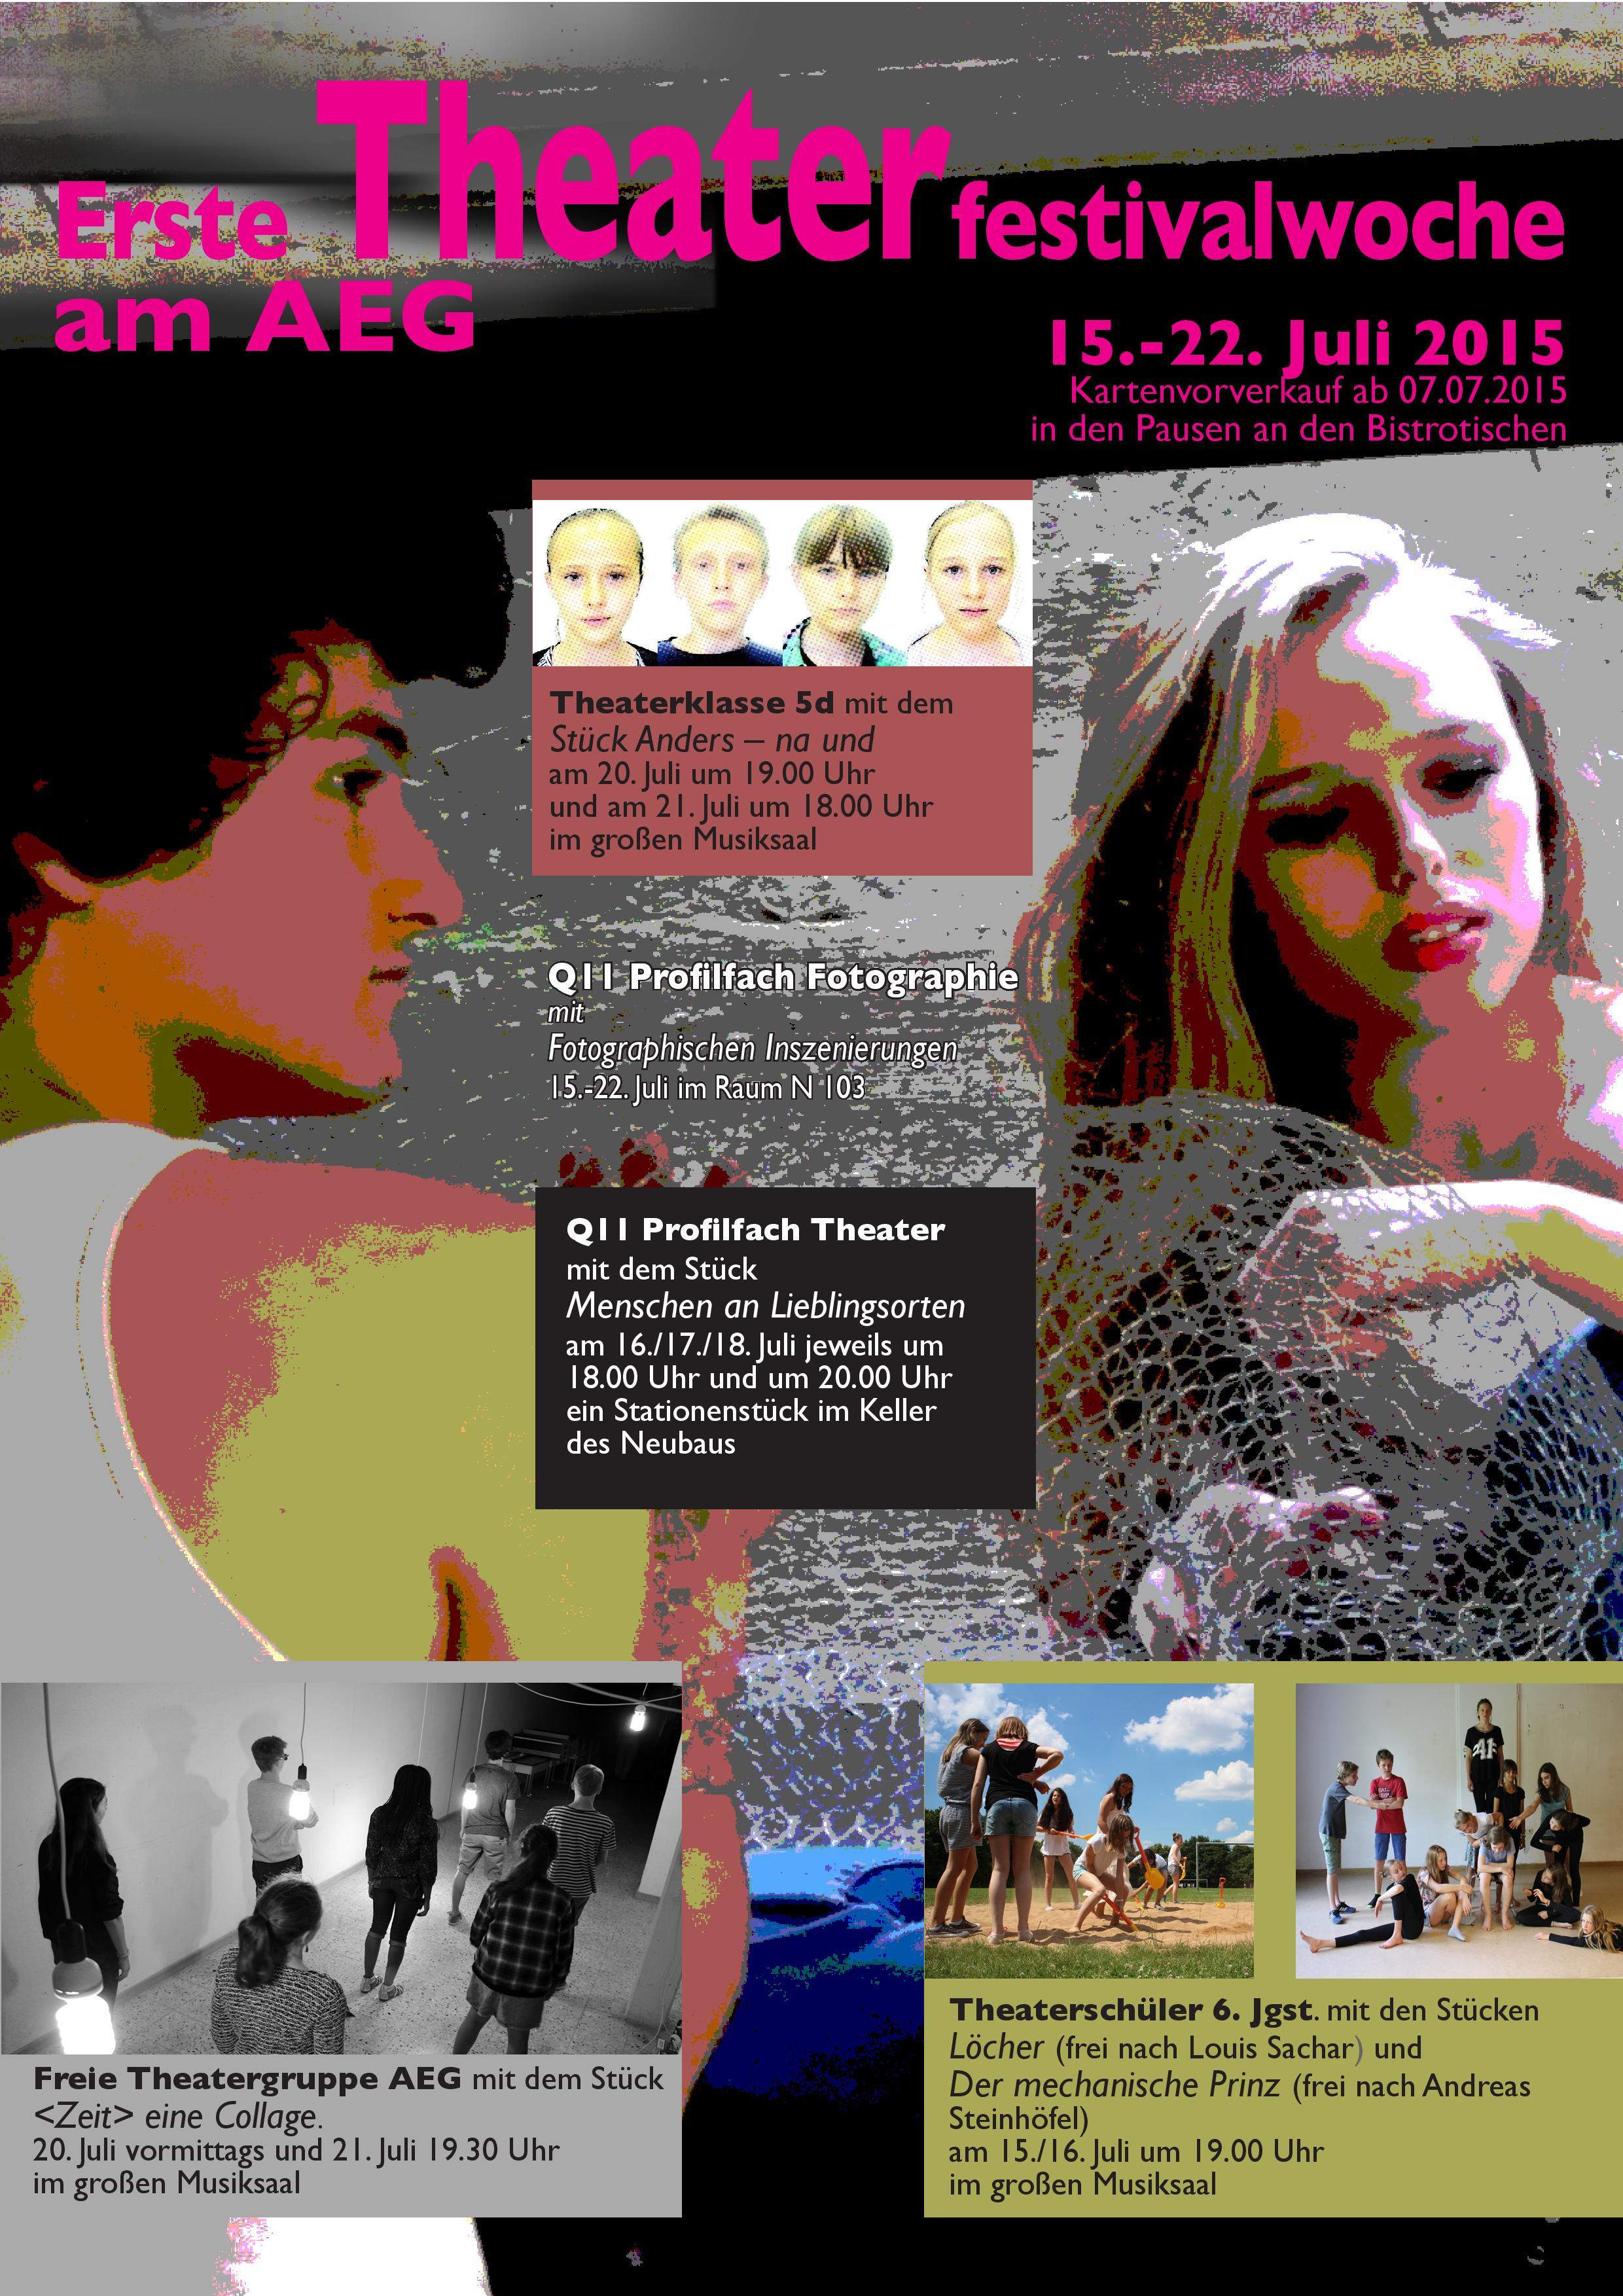 Theaterfestival 2015 - Plakat